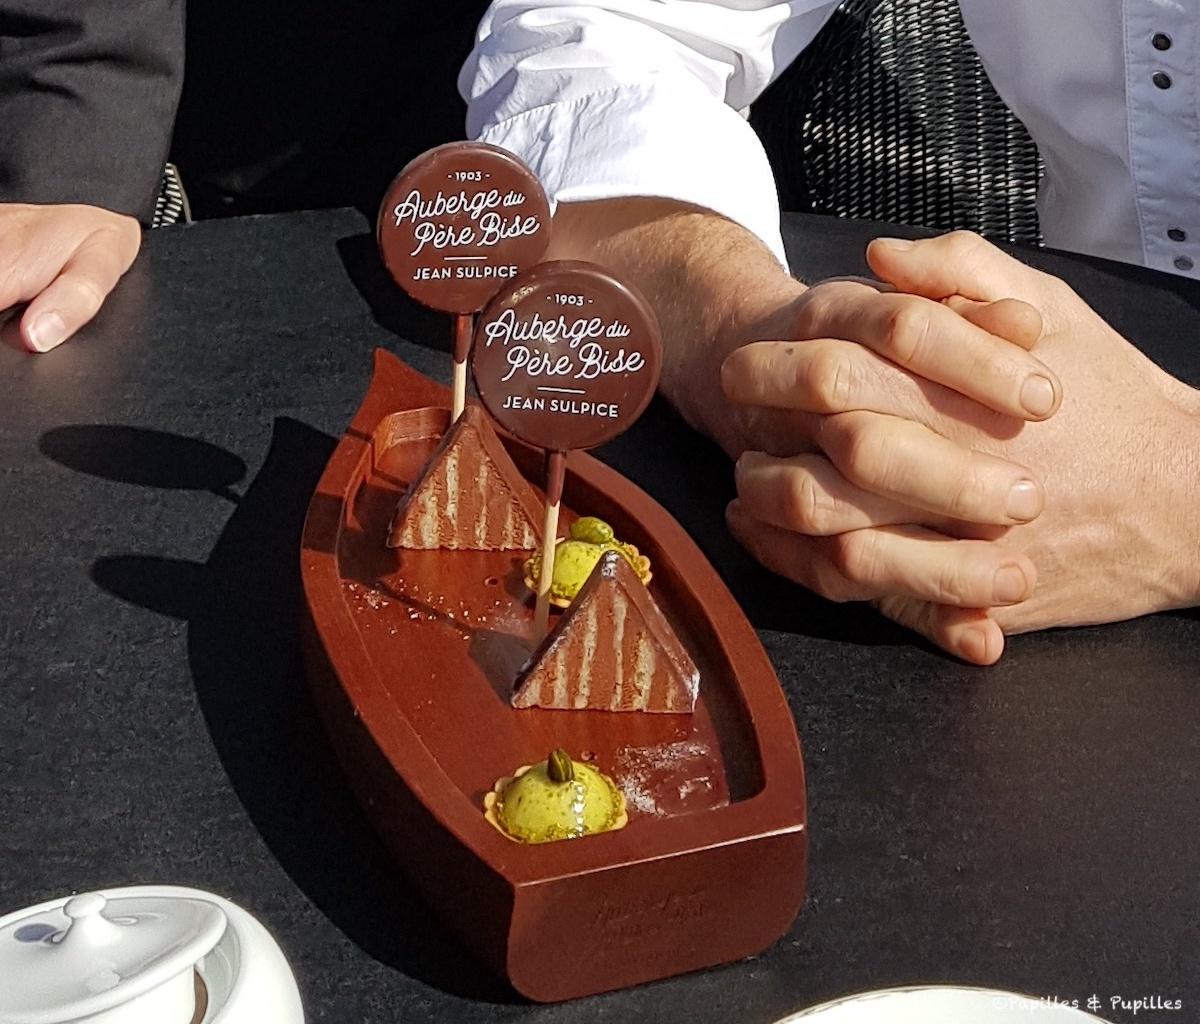 Mignardises : Pyramide chocolat passion - Tartelettes pistaches, Guimauves aux herbes (déjà mangées) et sucette au chocolat